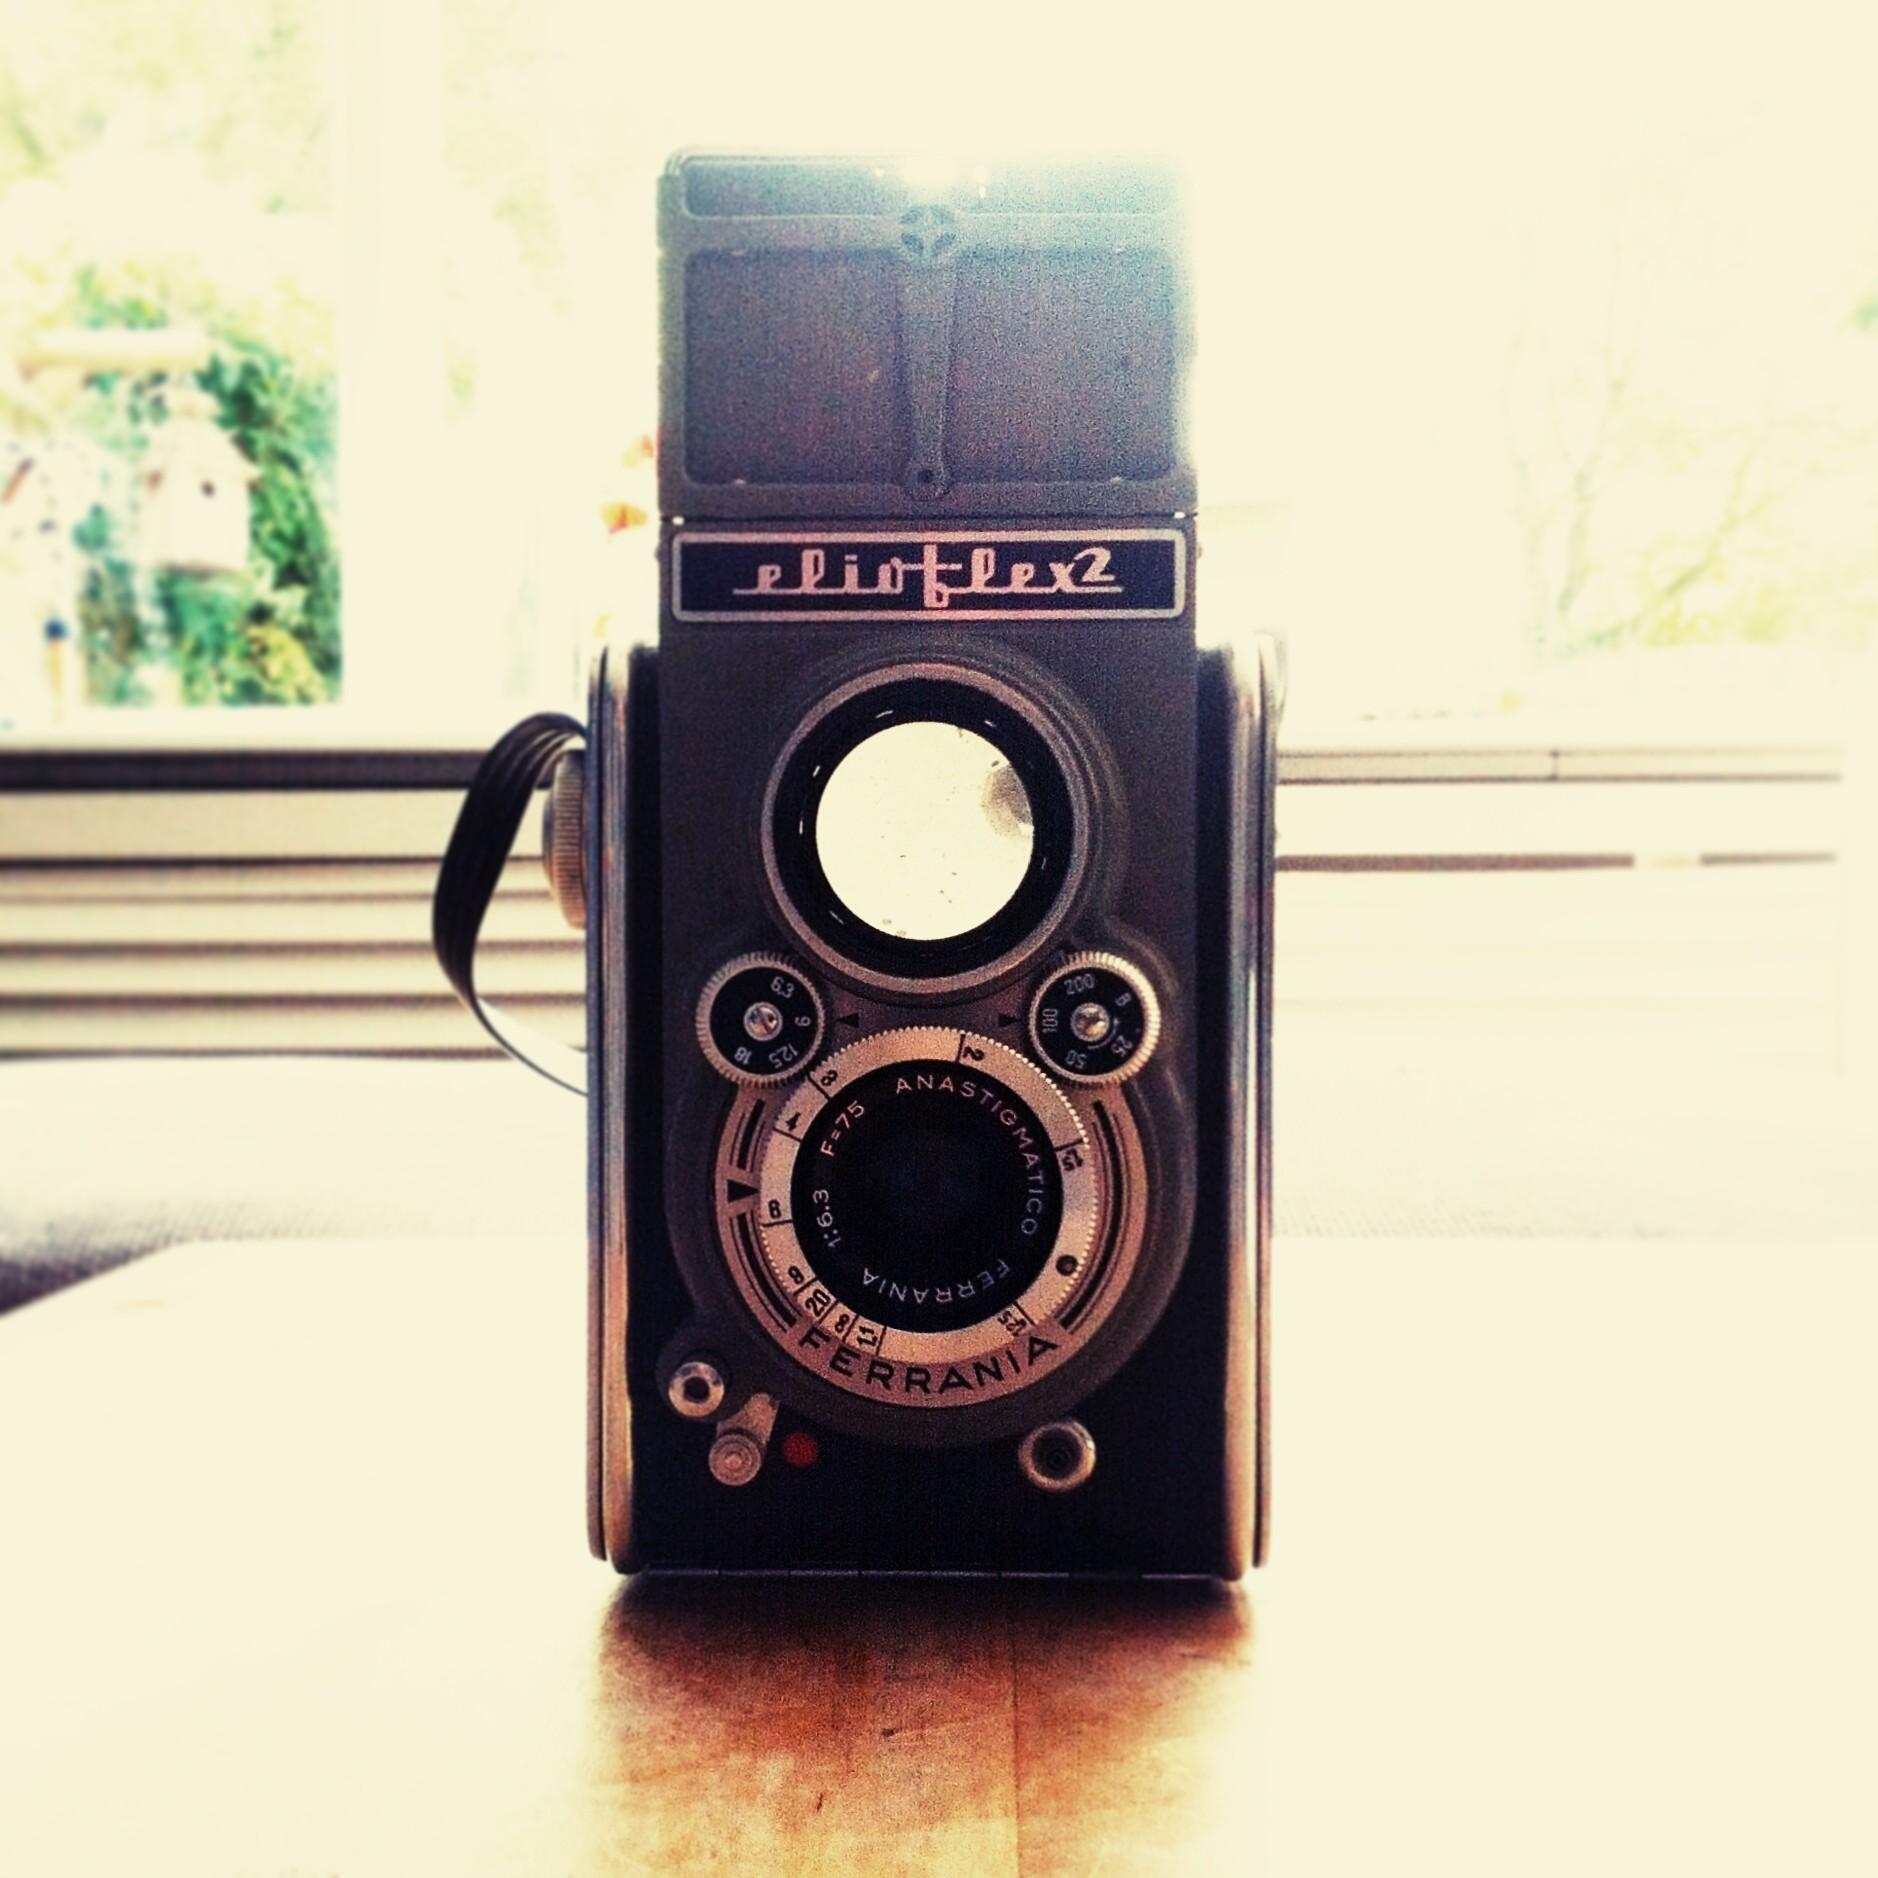 Op zoek naar… analoge fotografie